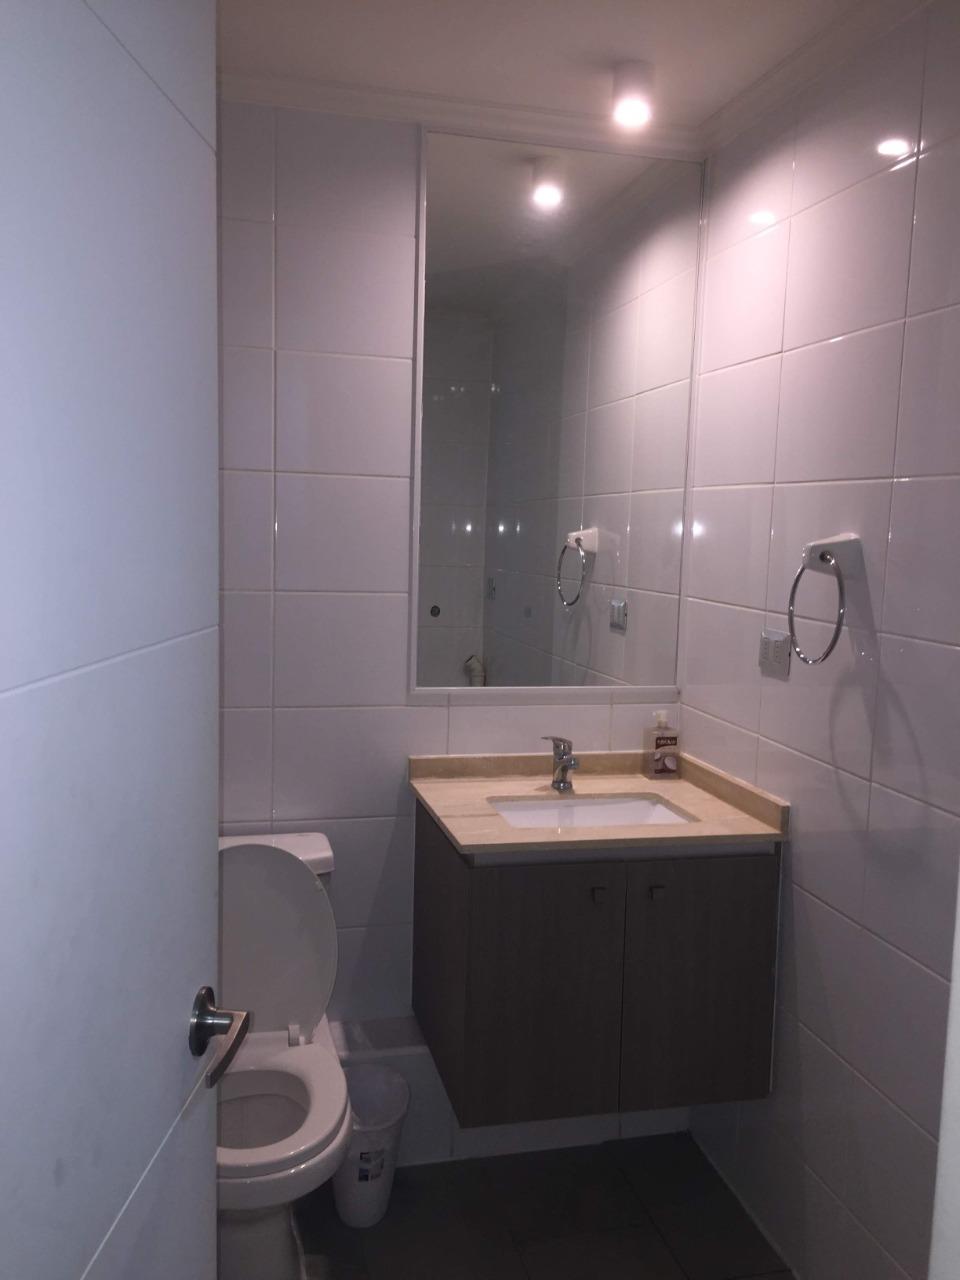 Departamento casi nuevo, piso 2, ubicado en SANTO DOMINGO, QUINTA NORMAL